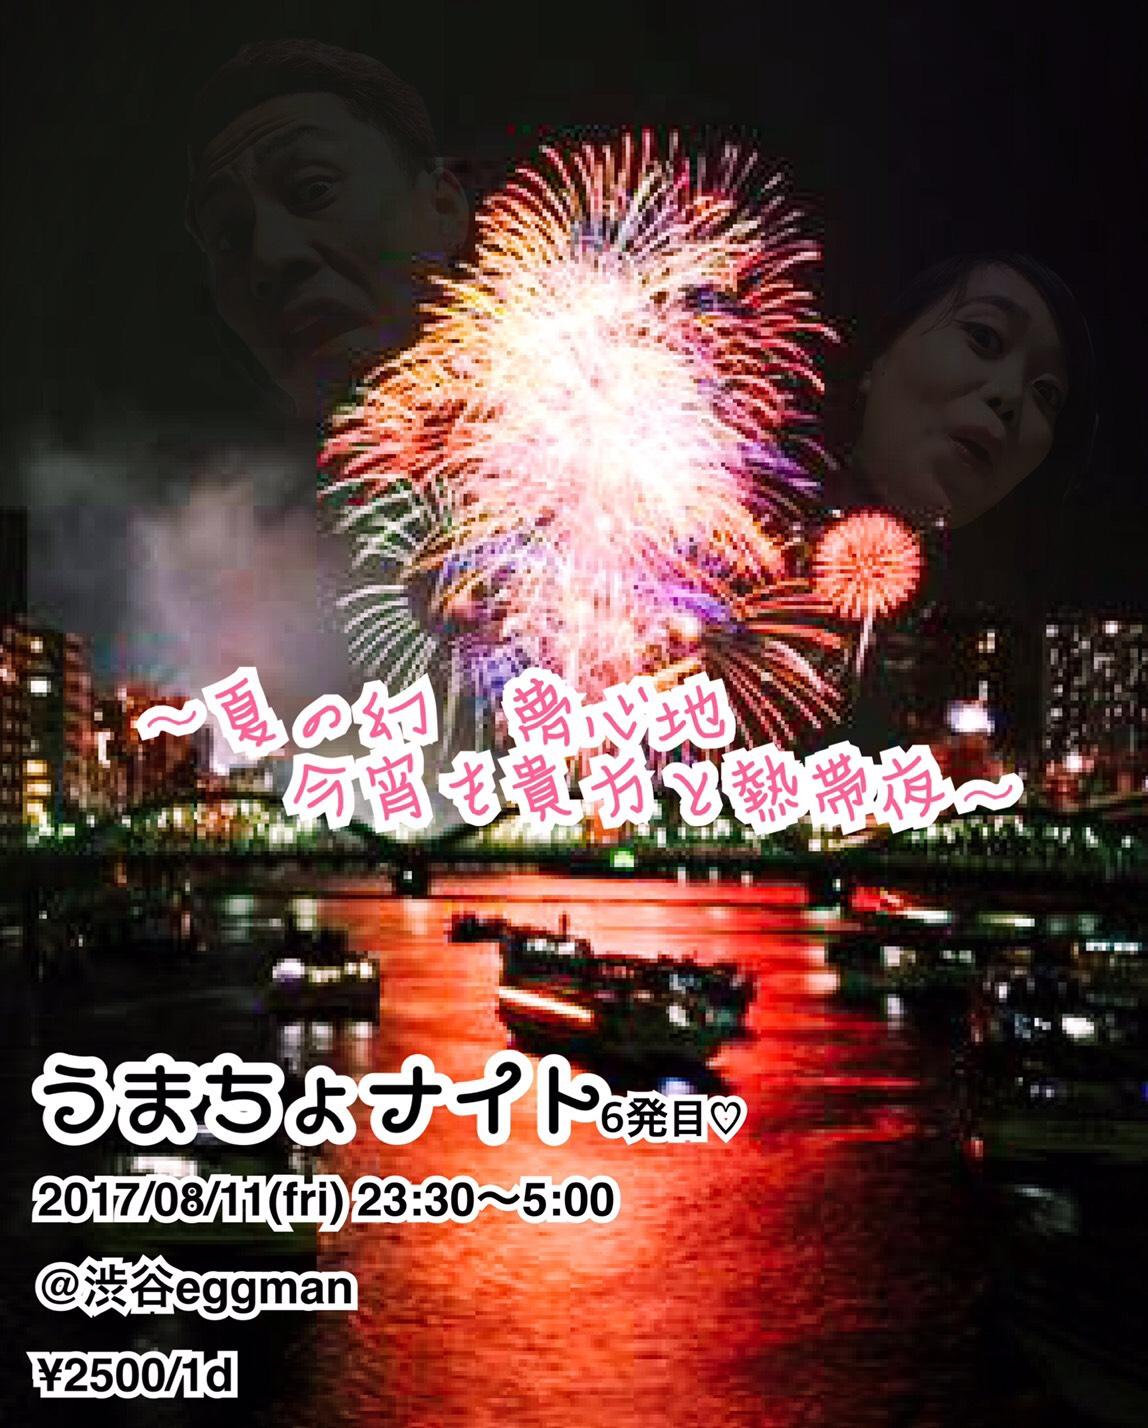 うまちょNight!! vol.6 〜夏の幻。夢心地。今宵も貴方と熱帯夜〜